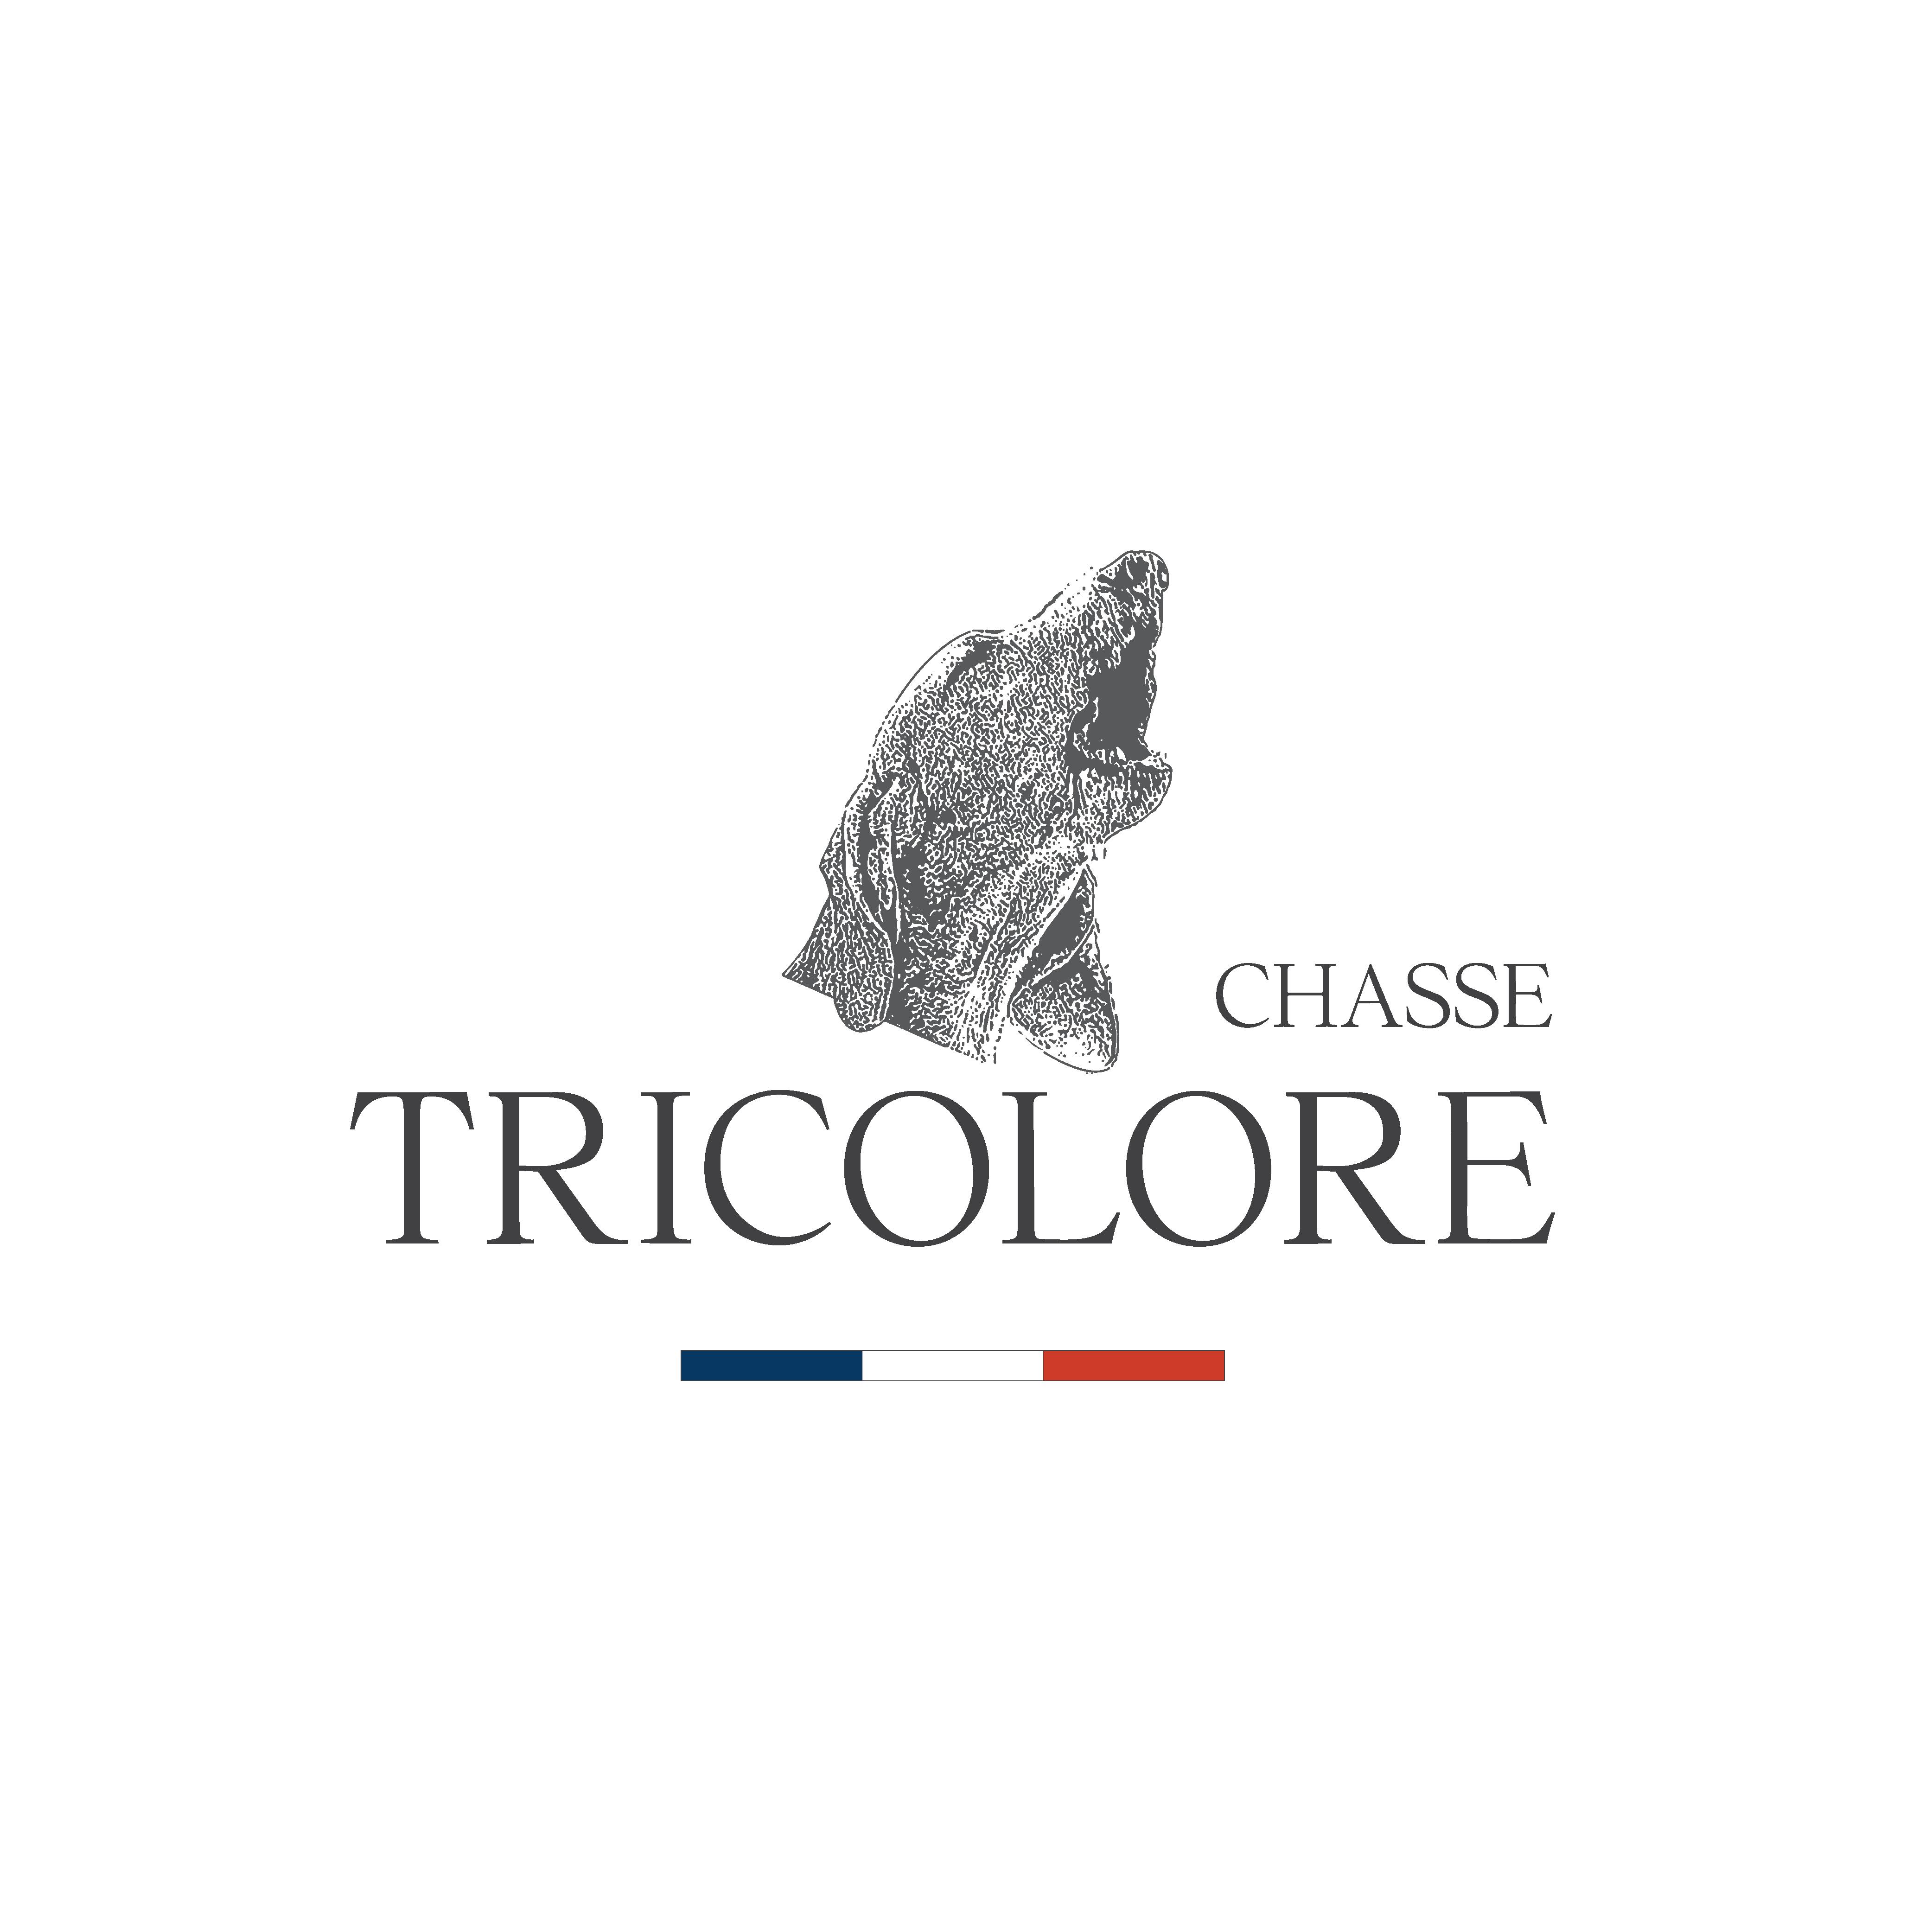 Chasse Tricolore